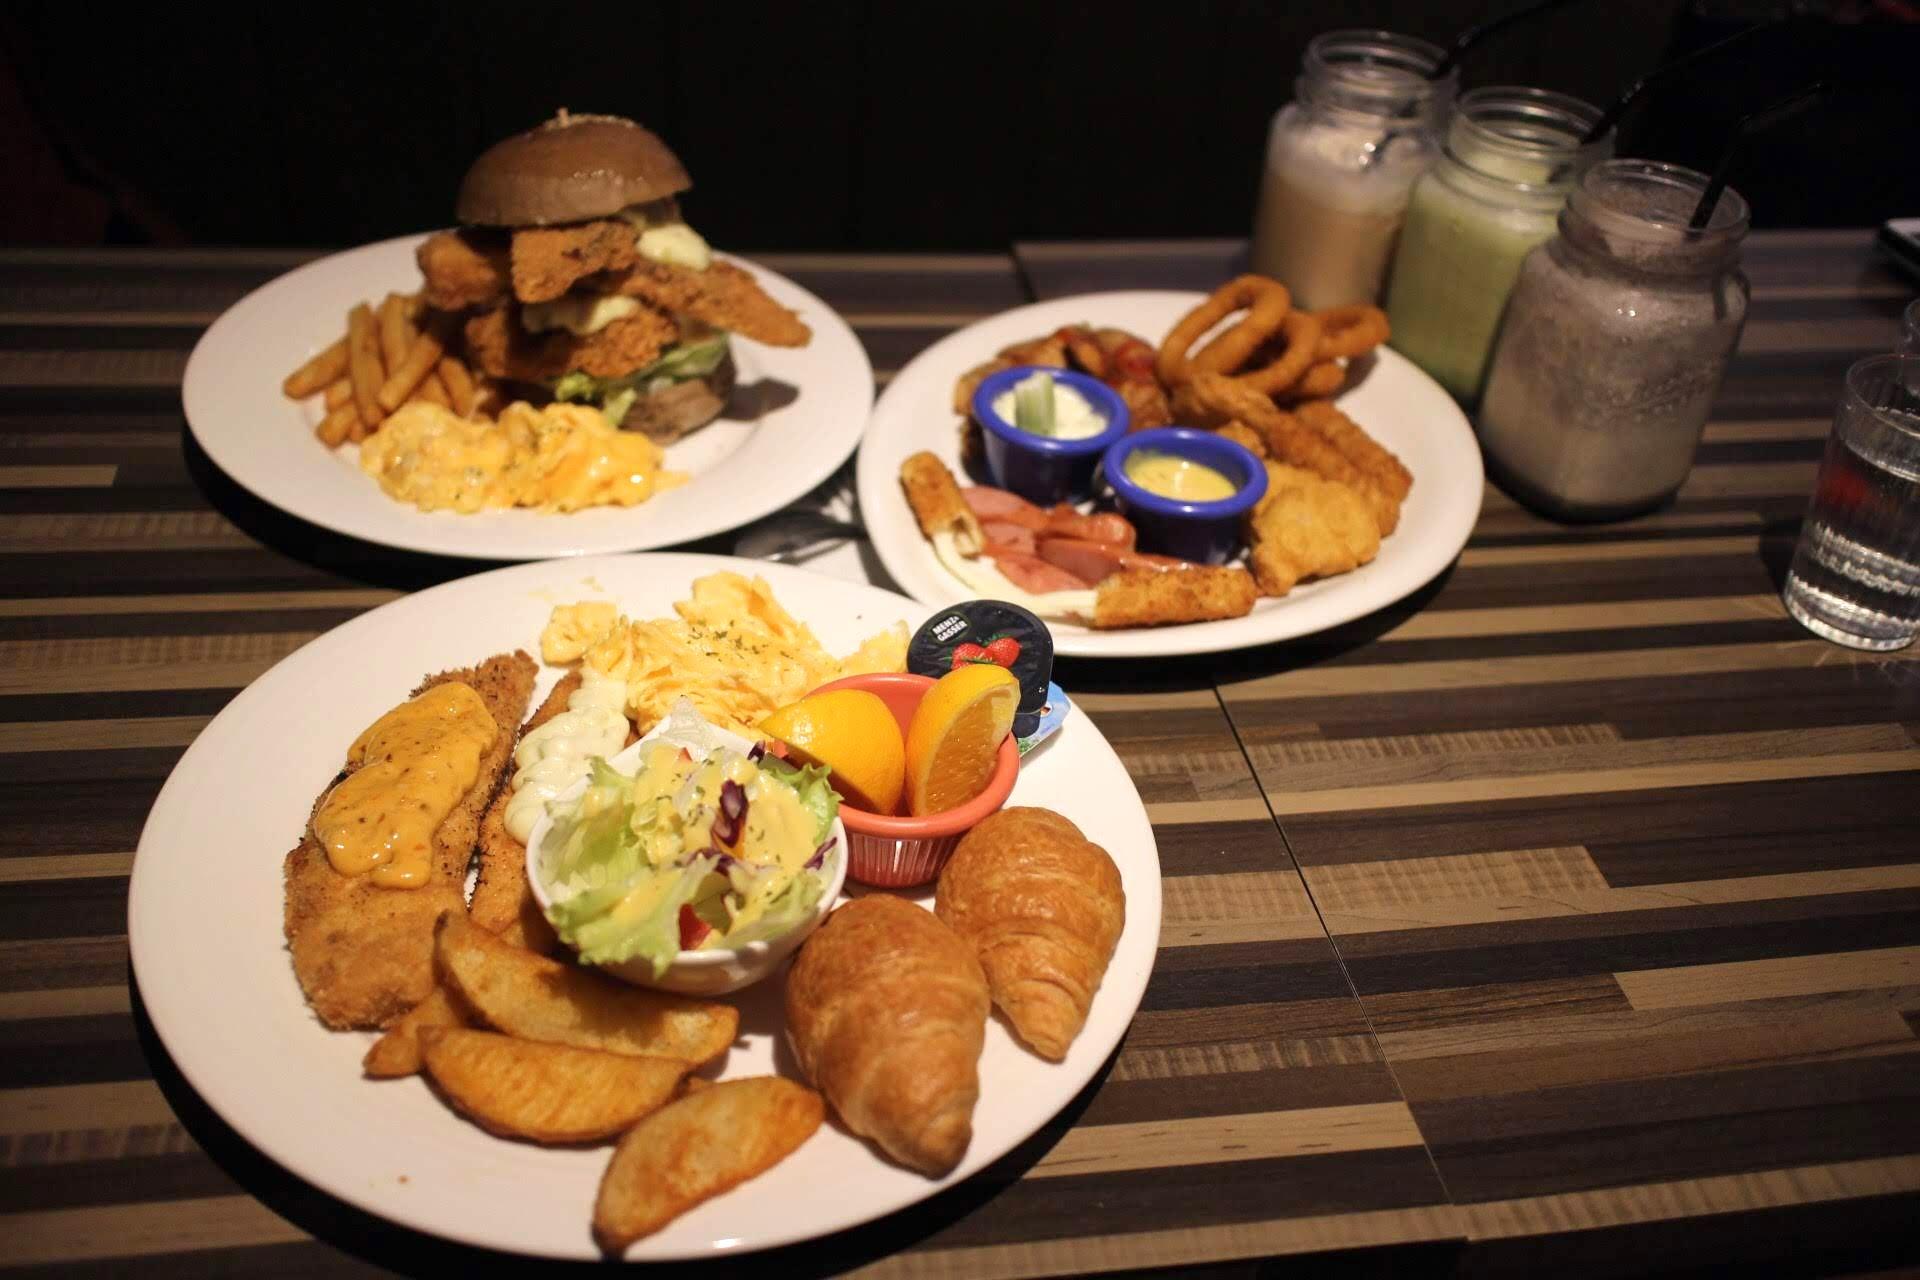 西門町早午餐【Stan & Cat史丹貓美式餐廳】西門店,好吃漢堡、高CP值派對-愛評體驗券 @秤瓶樂遊遊